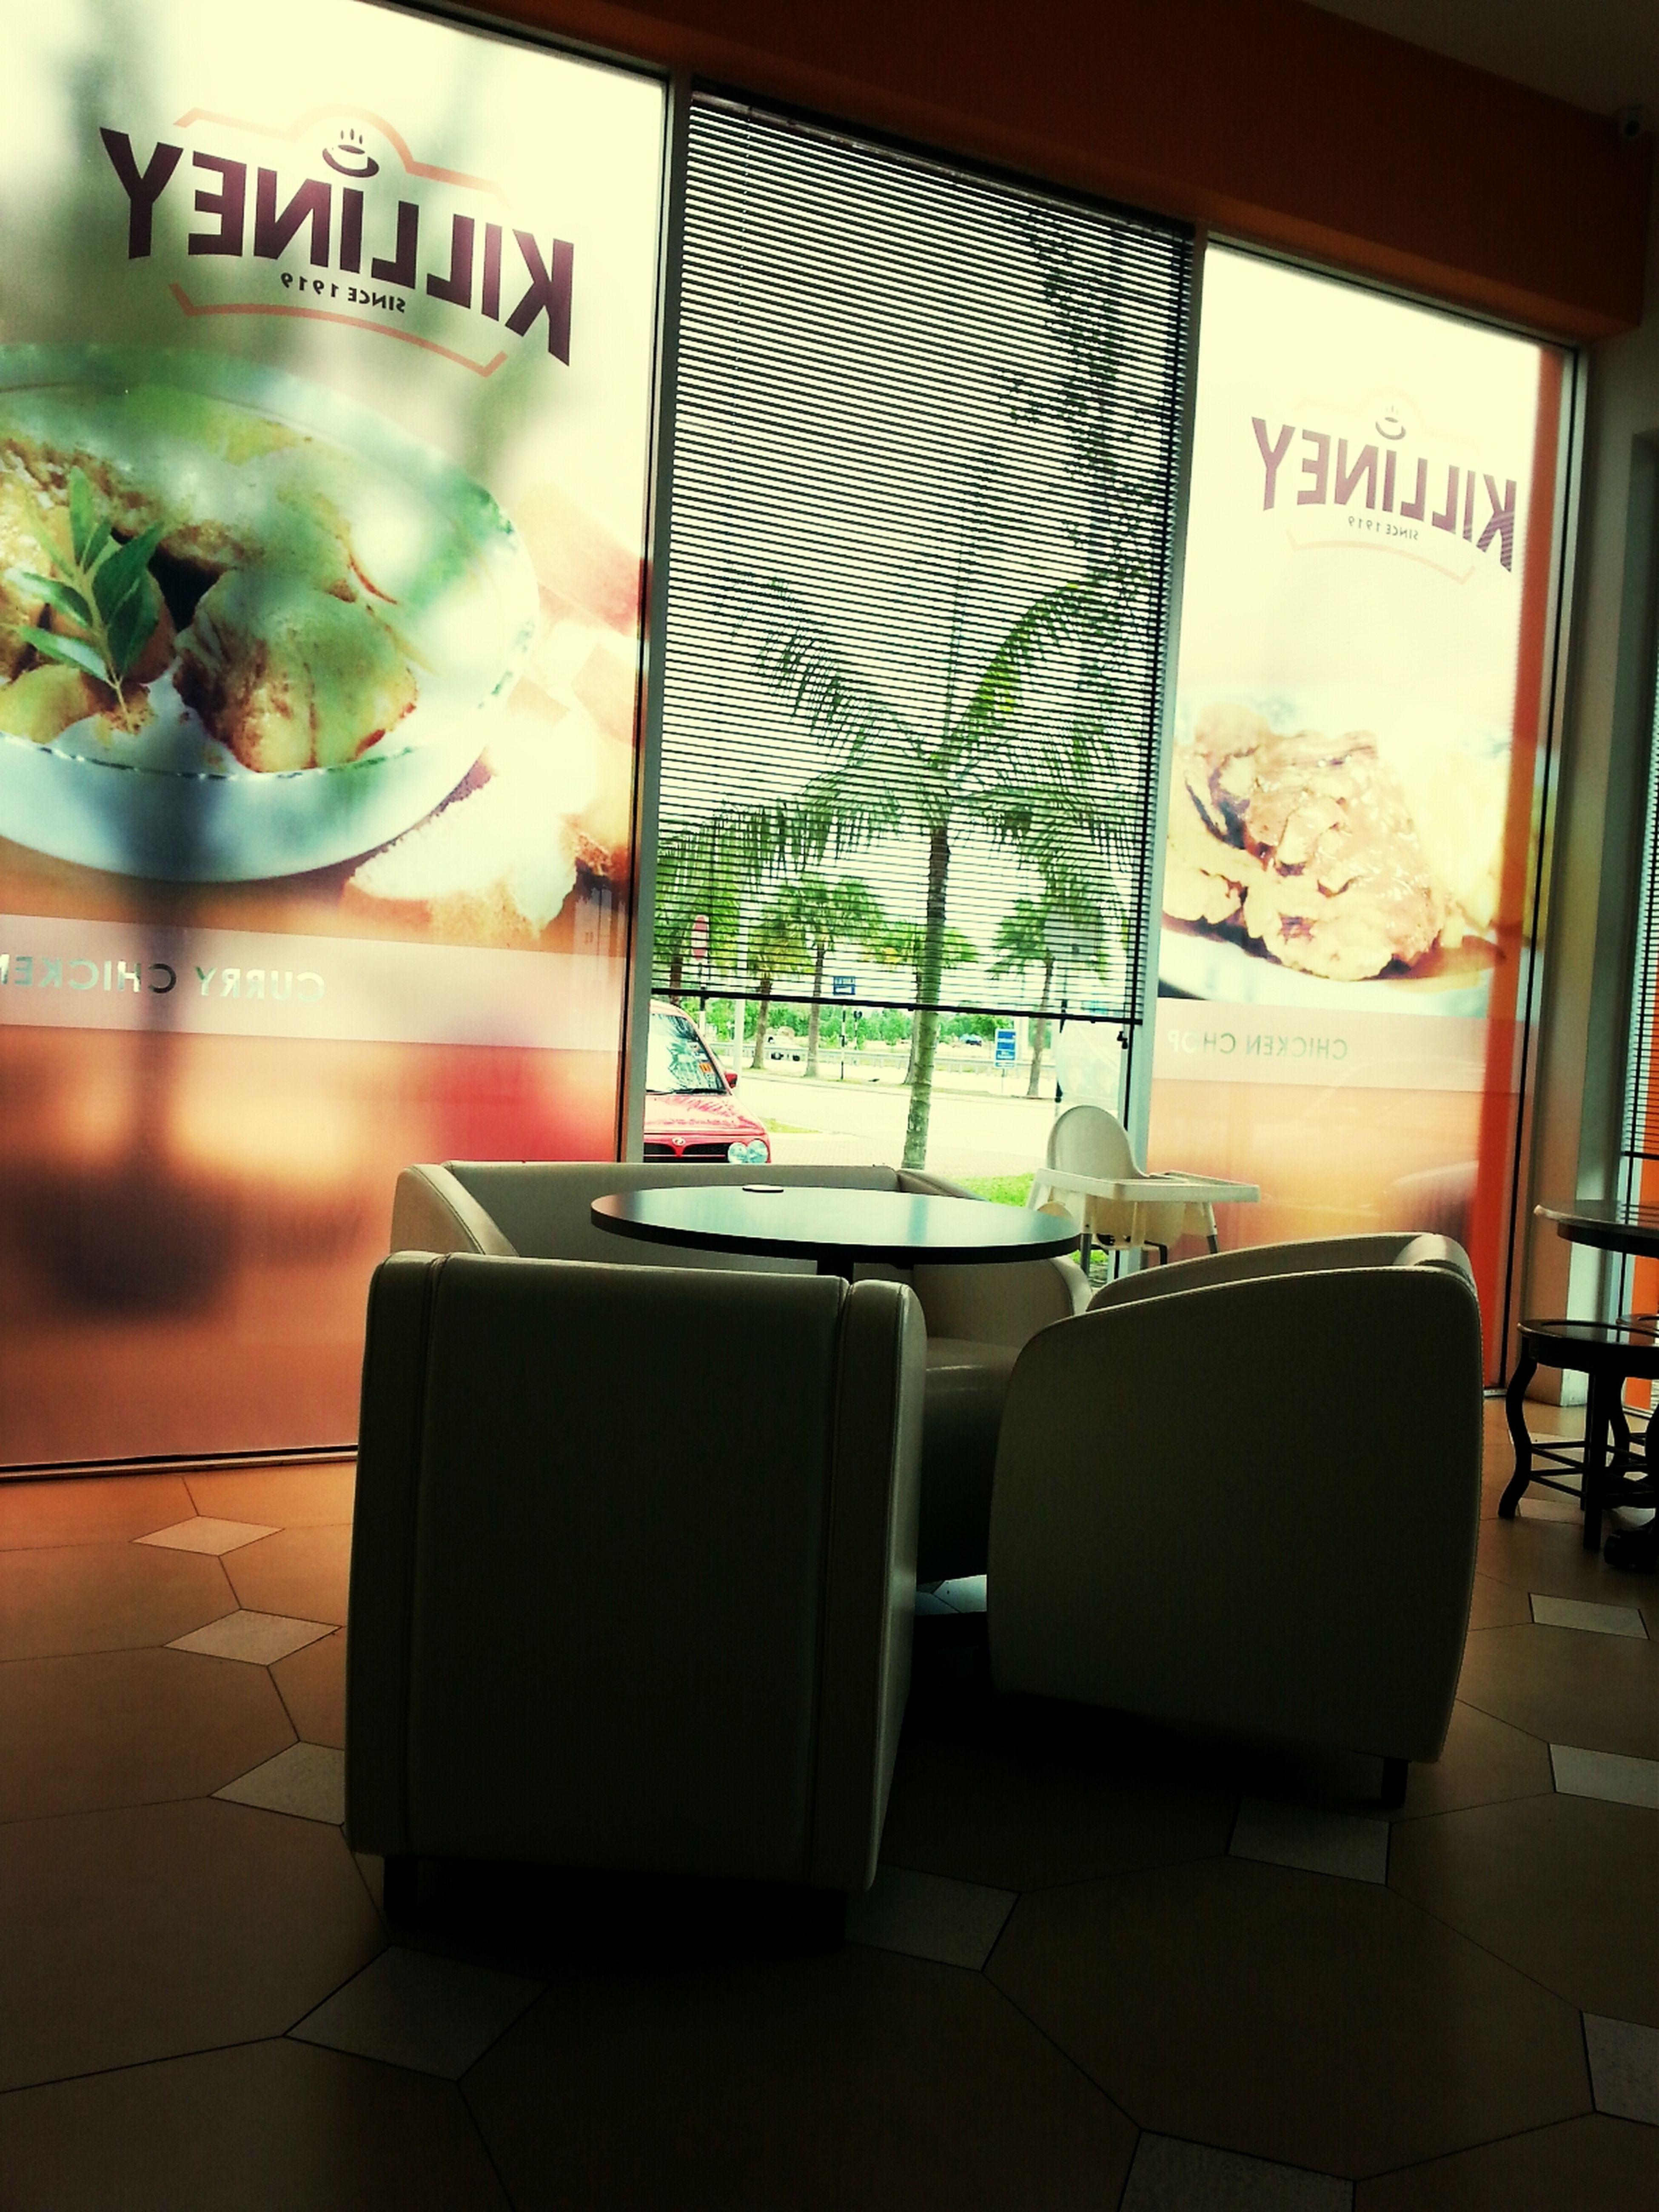 meeting.. breakfast. .. enjoy time